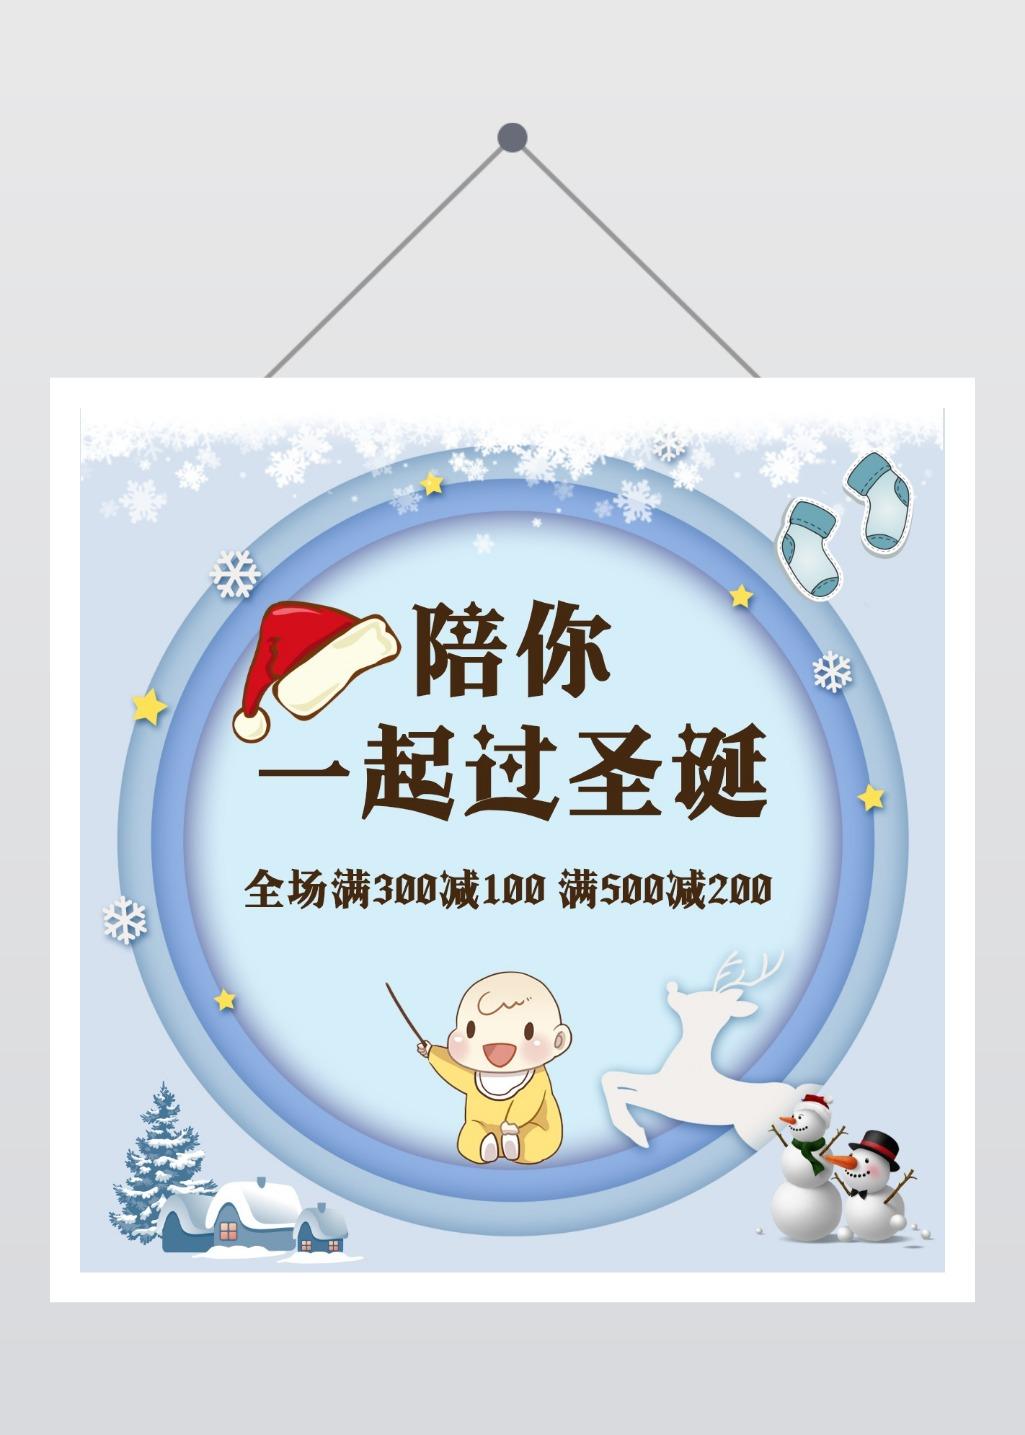 圣诞公众号封面次条小图 圣诞促销 圣诞母婴用品促销 清新文艺